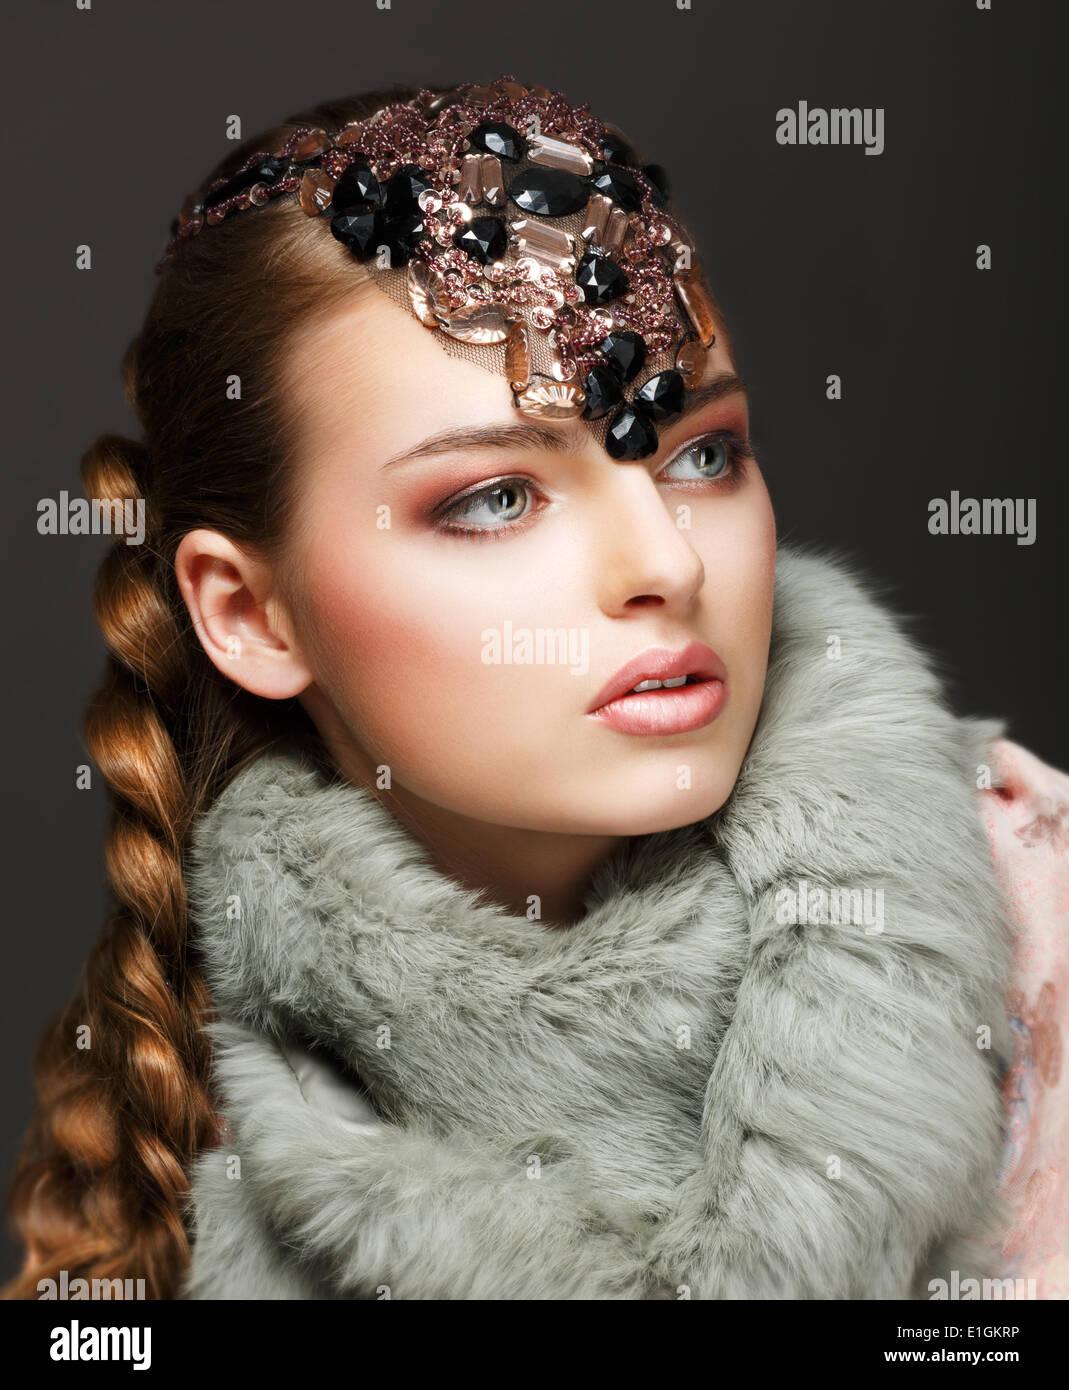 Cabello trenzado LUJOSO MUJER de cuello de piel y piedras preciosas. Joyas Imagen De Stock